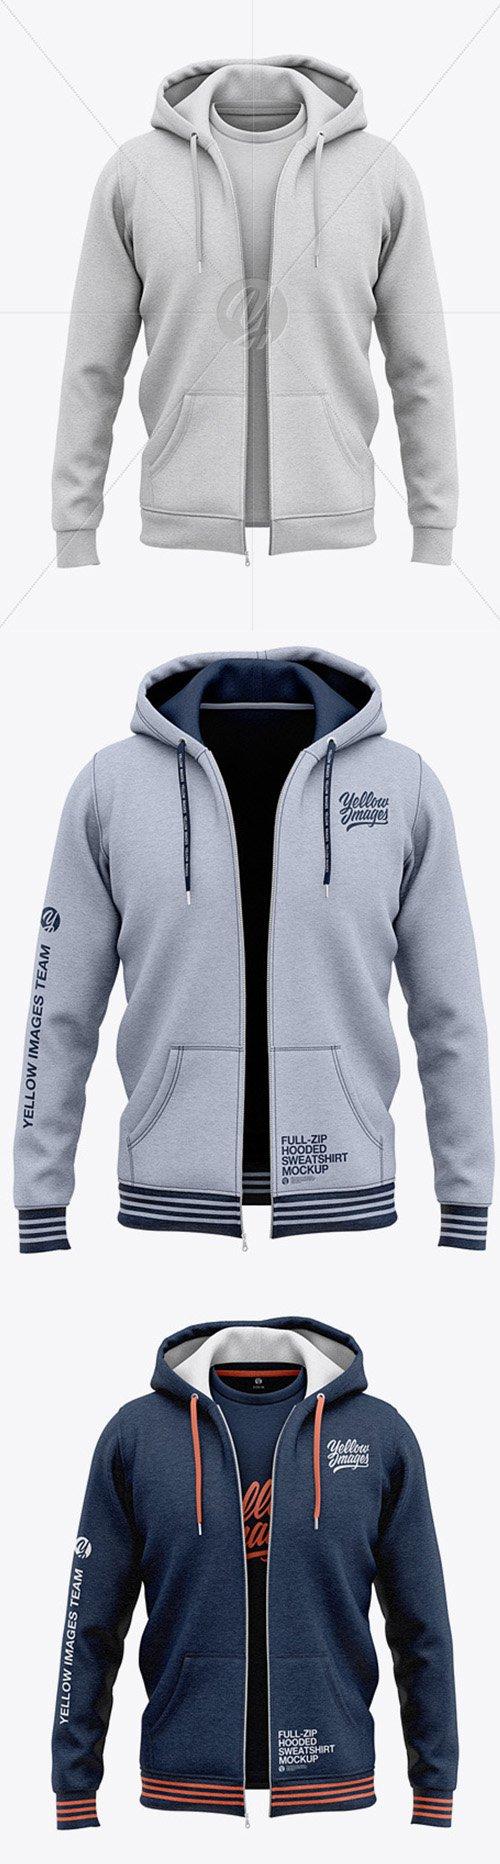 Full-Zip Heather Hooded Sweatshirt Front View 48926